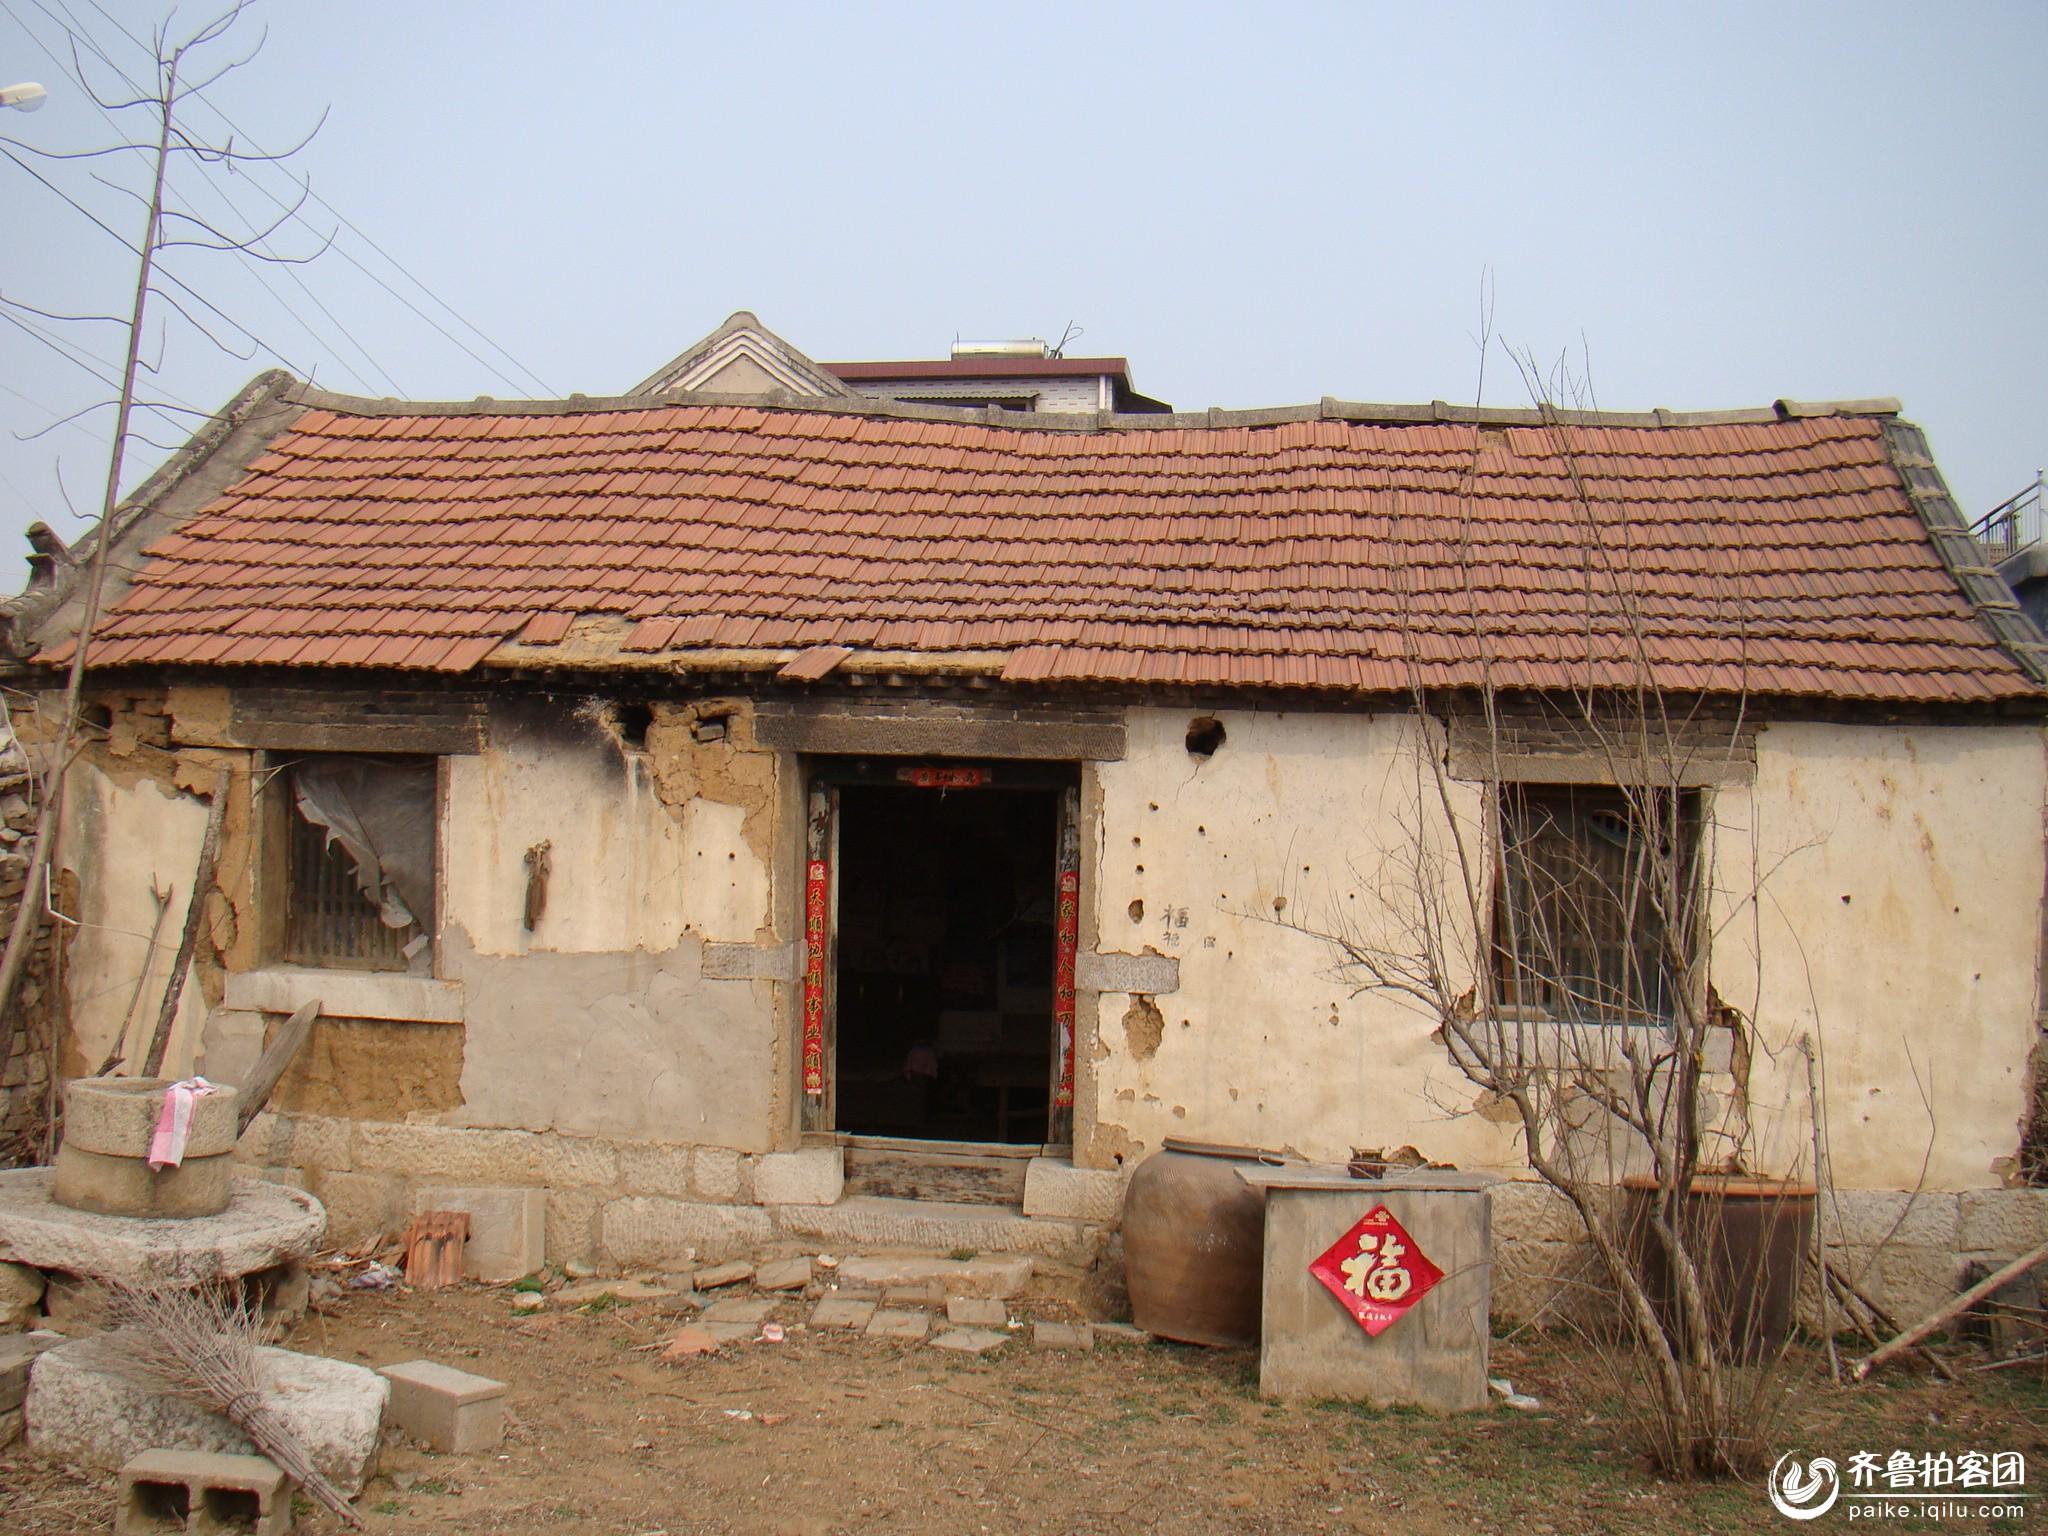 屋加固方法_适应时代发展,农村房屋检测,房屋加固改造,特出具农村危房